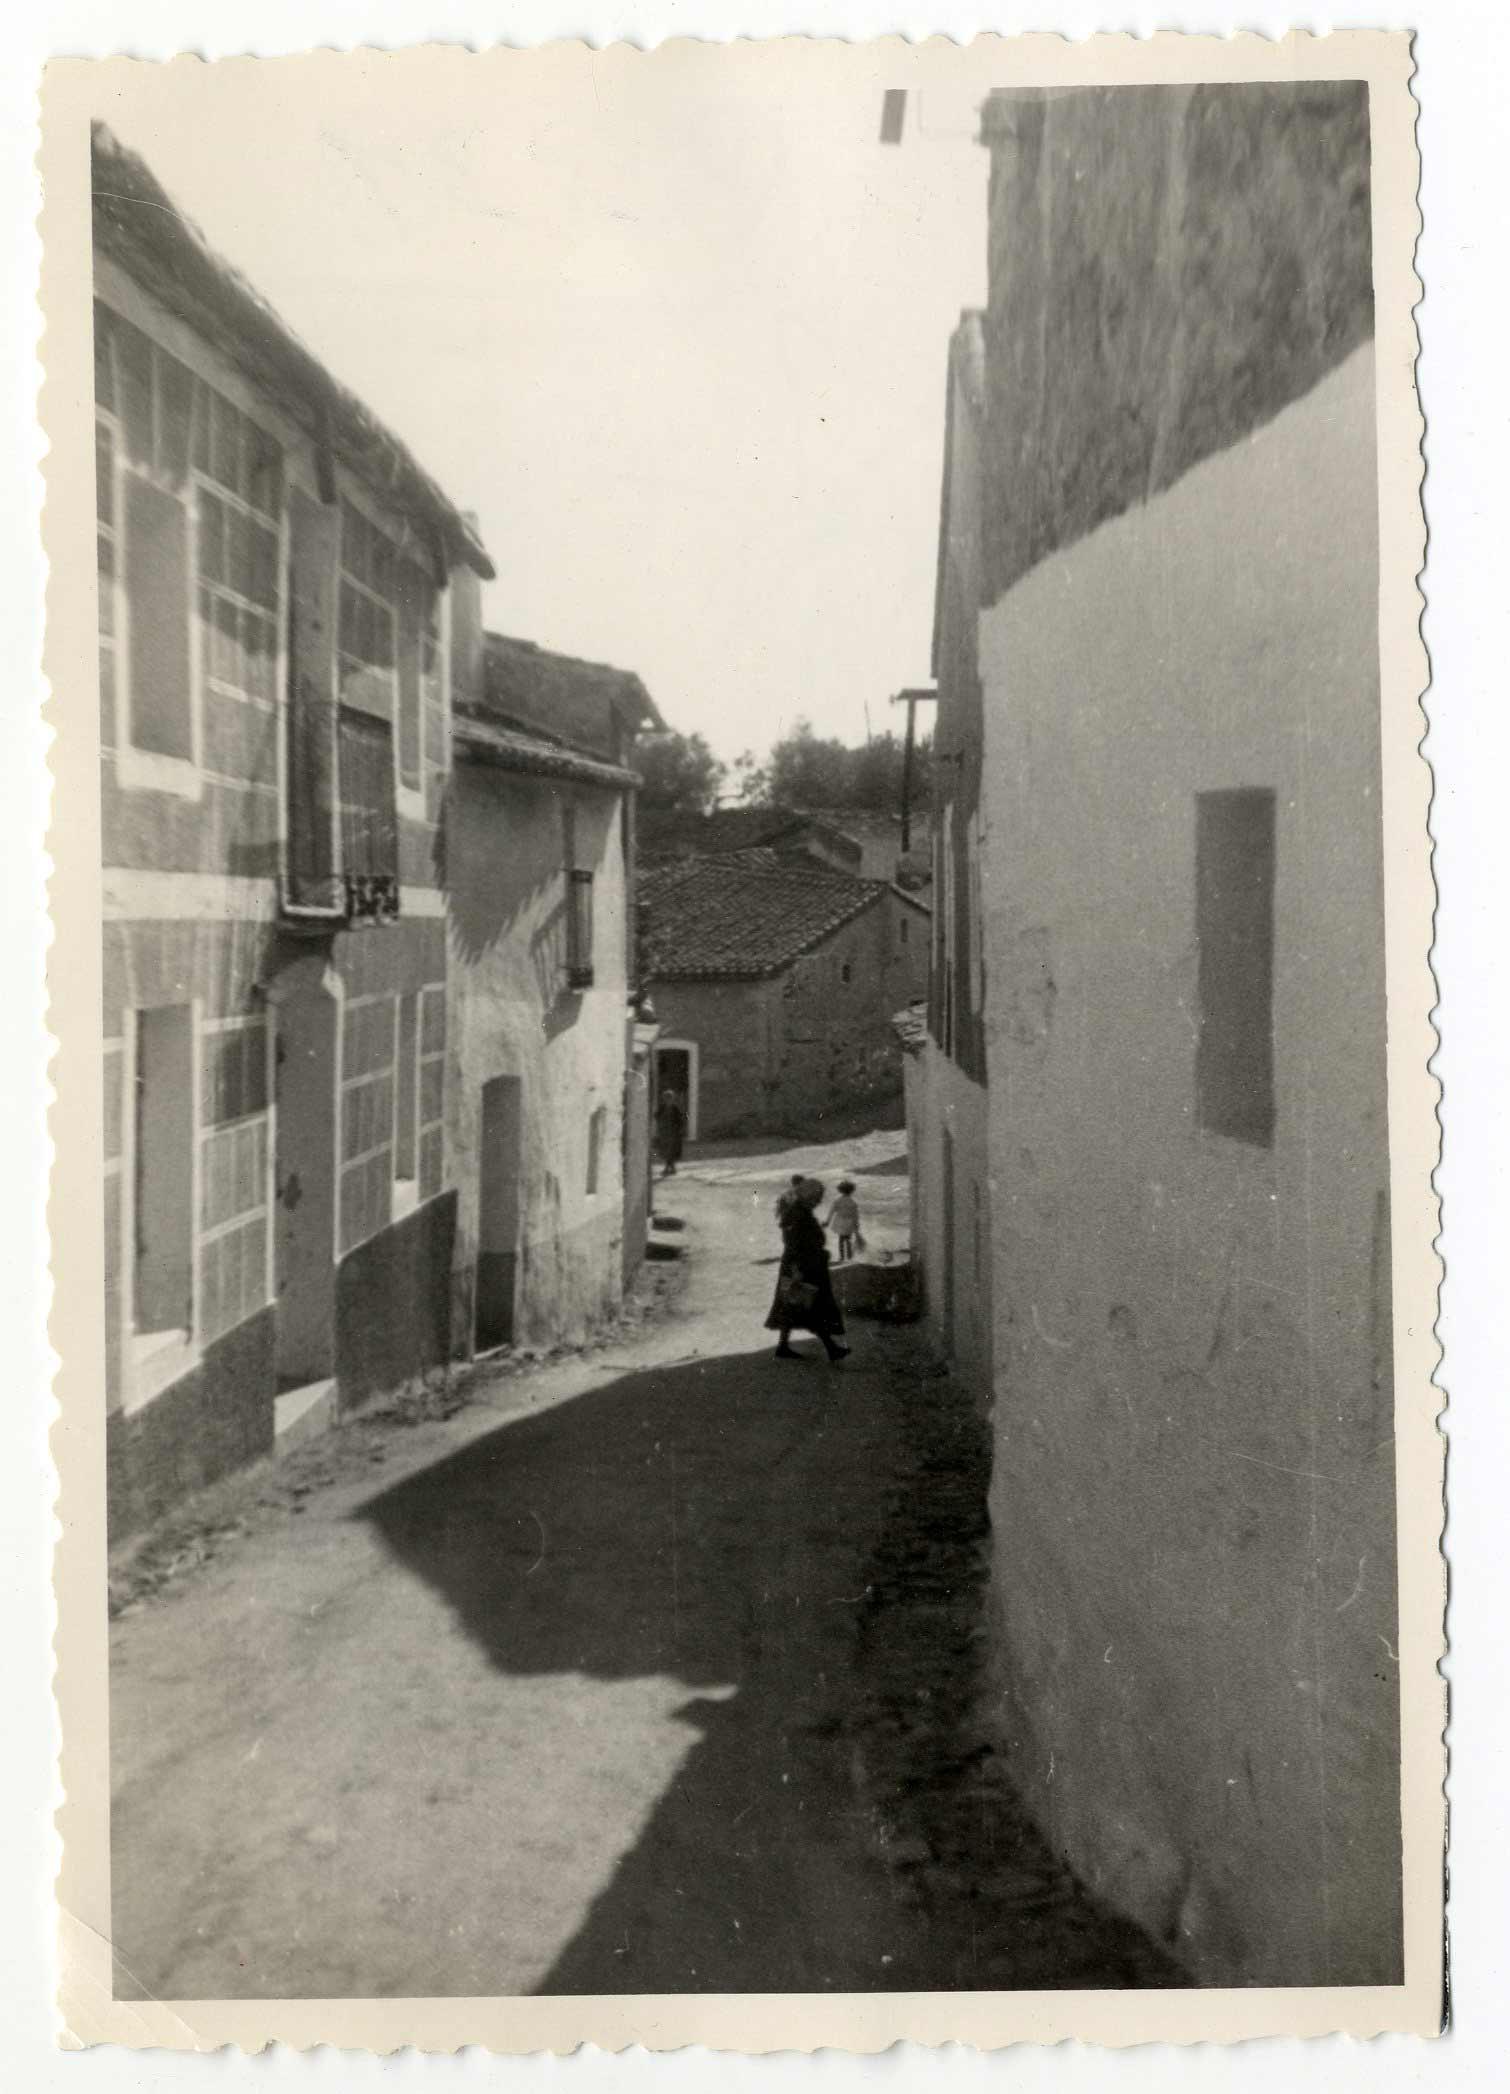 Hinojosa de San Vicente. Calle Felipe Escobedo 1959 (P-331)